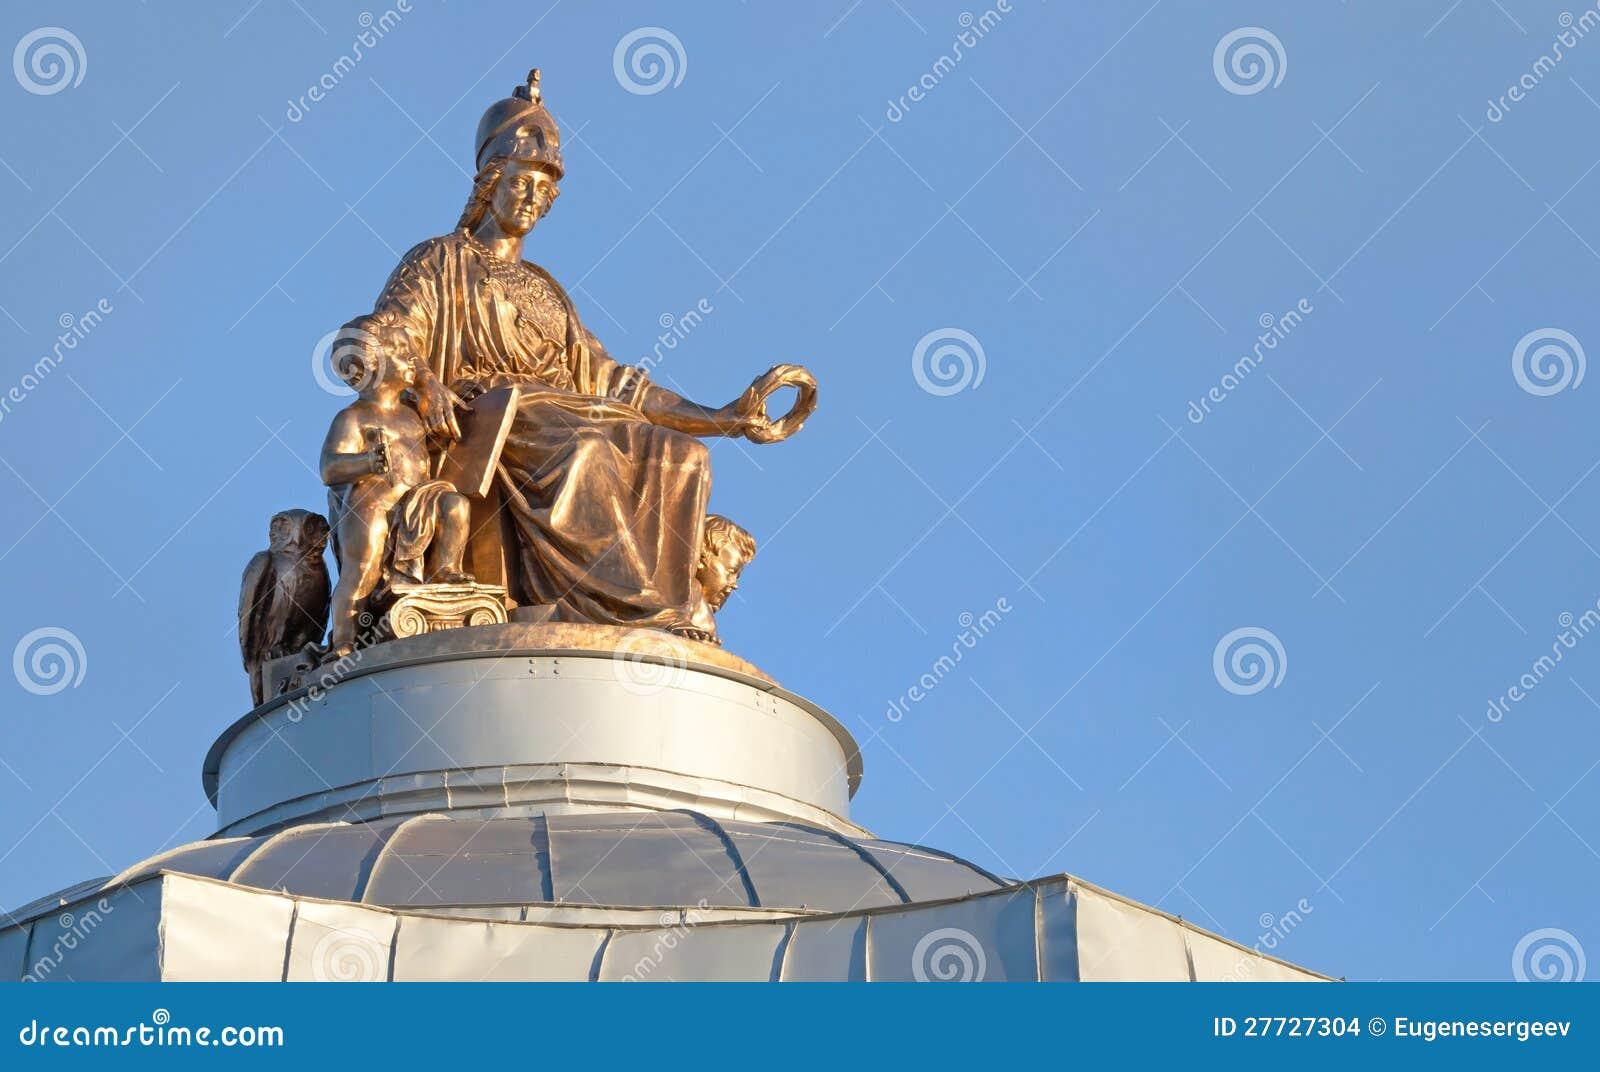 Alte Statue auf dem Dach in St Petersburg